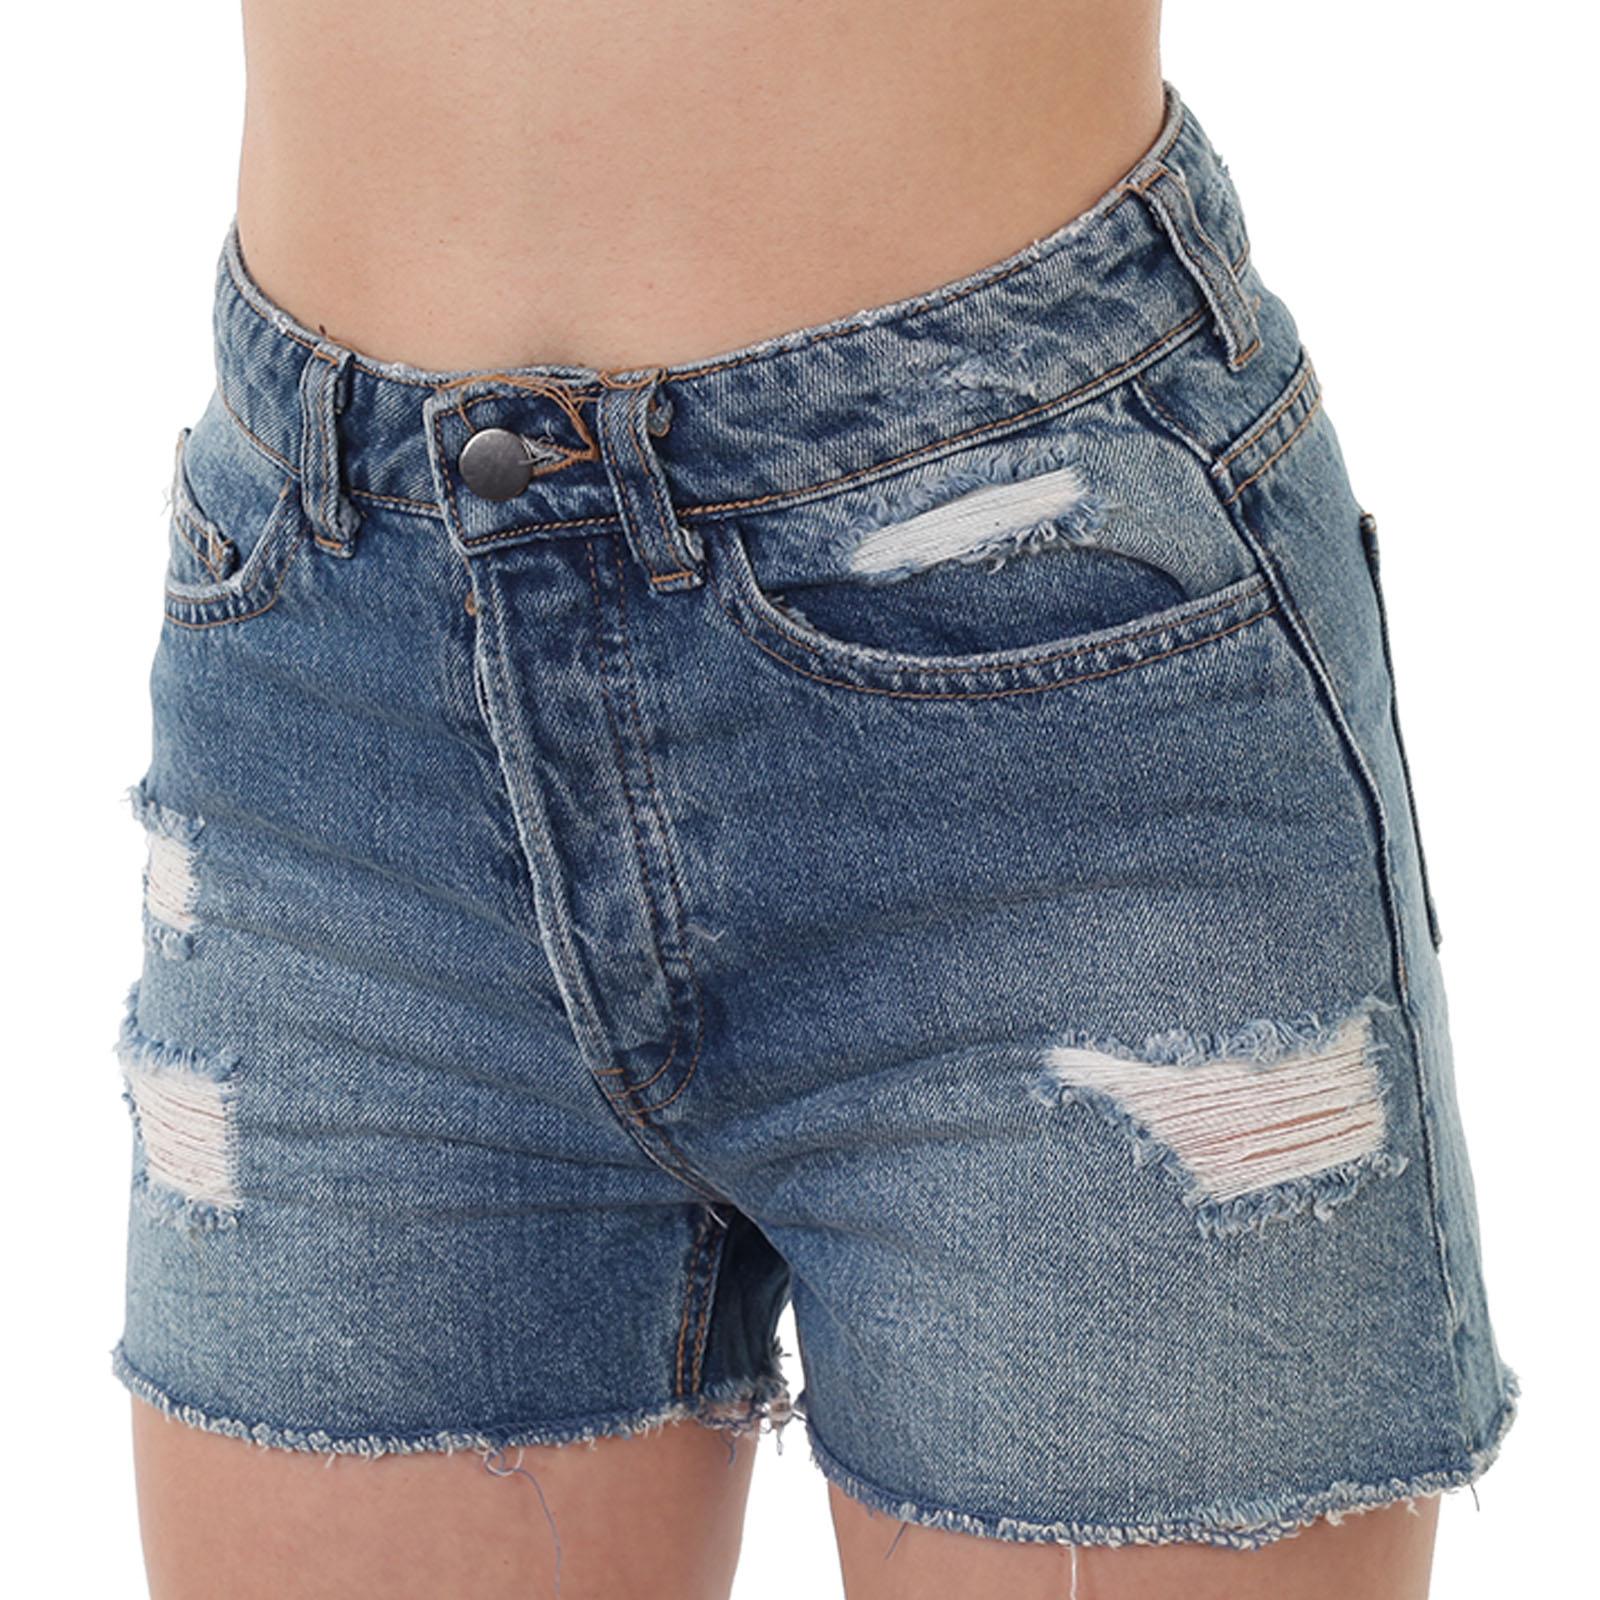 Купить в интернет магазине женские джинсовые шортики